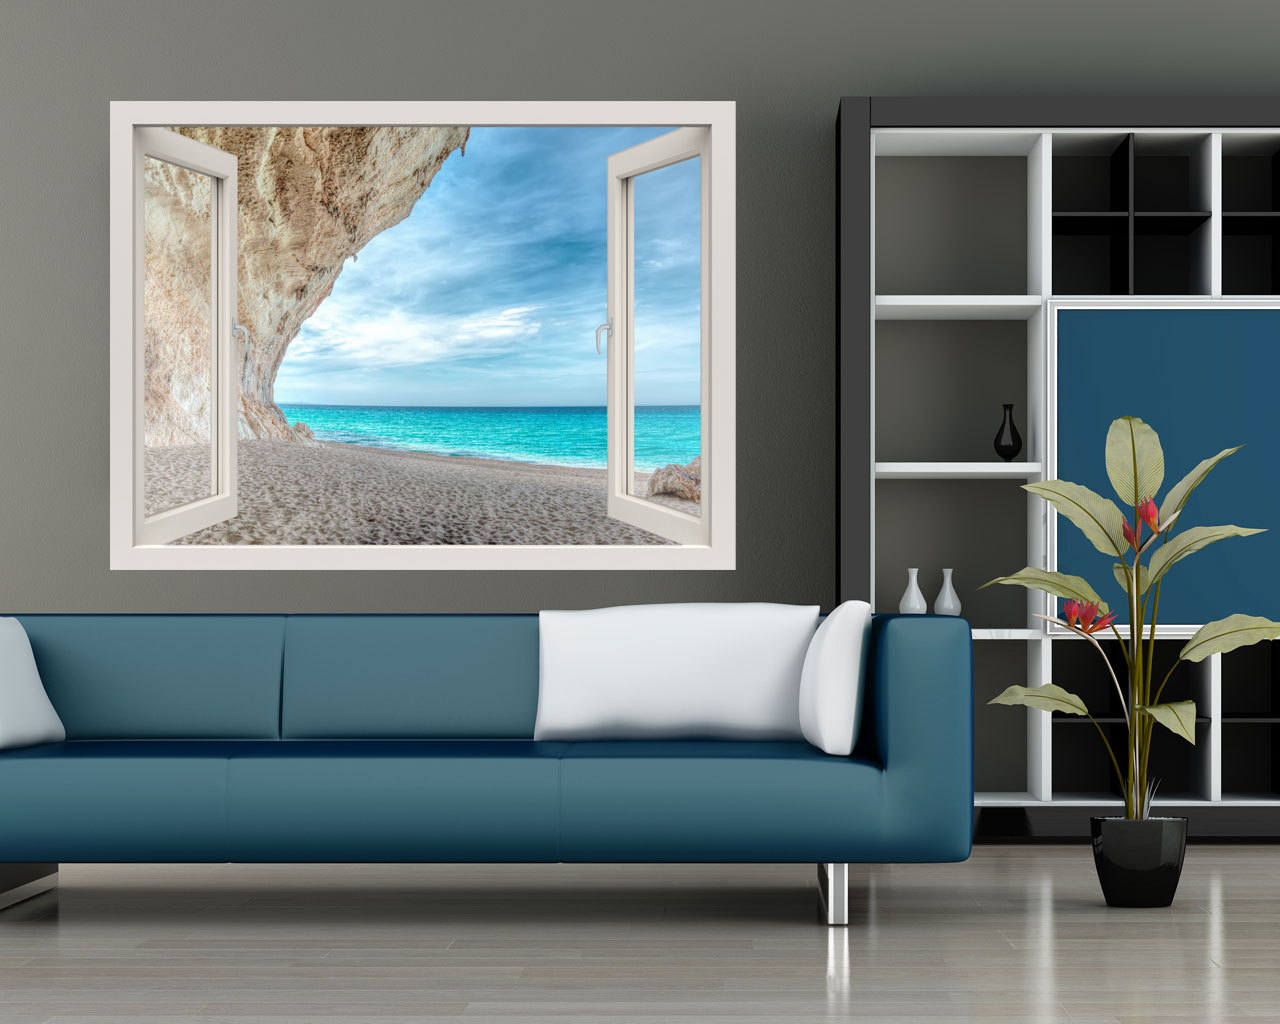 Scorcio sul mare natura finestra illusione interni decori adesivi murali wall - Adesivi natalizi per finestre ...